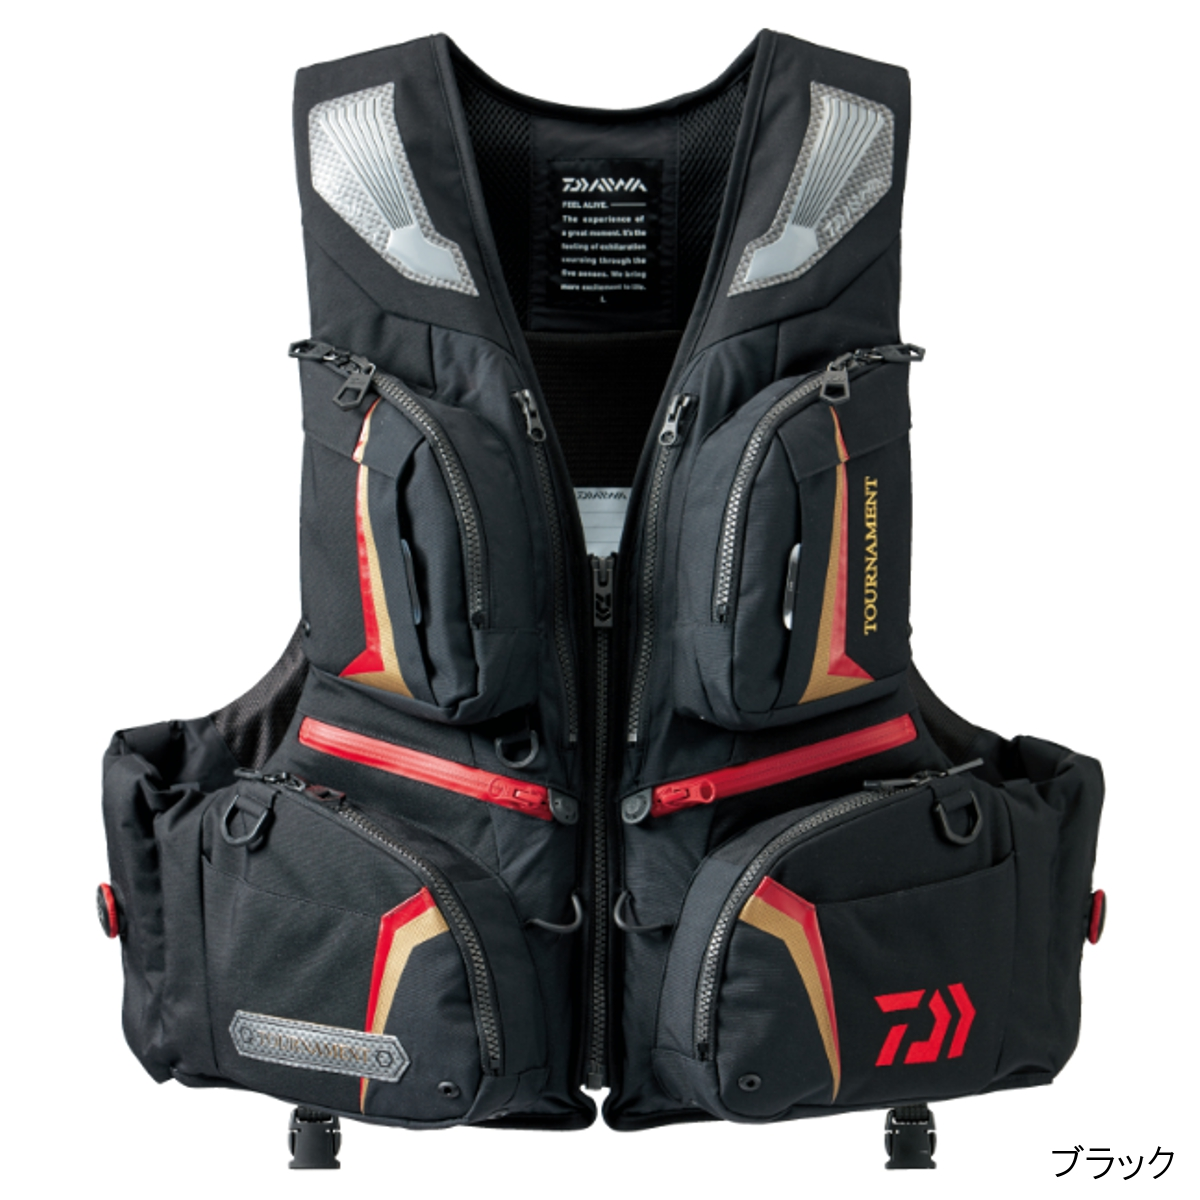 ダイワ トーナメント バリアテック サイバーフロート DF-3206 M ブラック(東日本店)